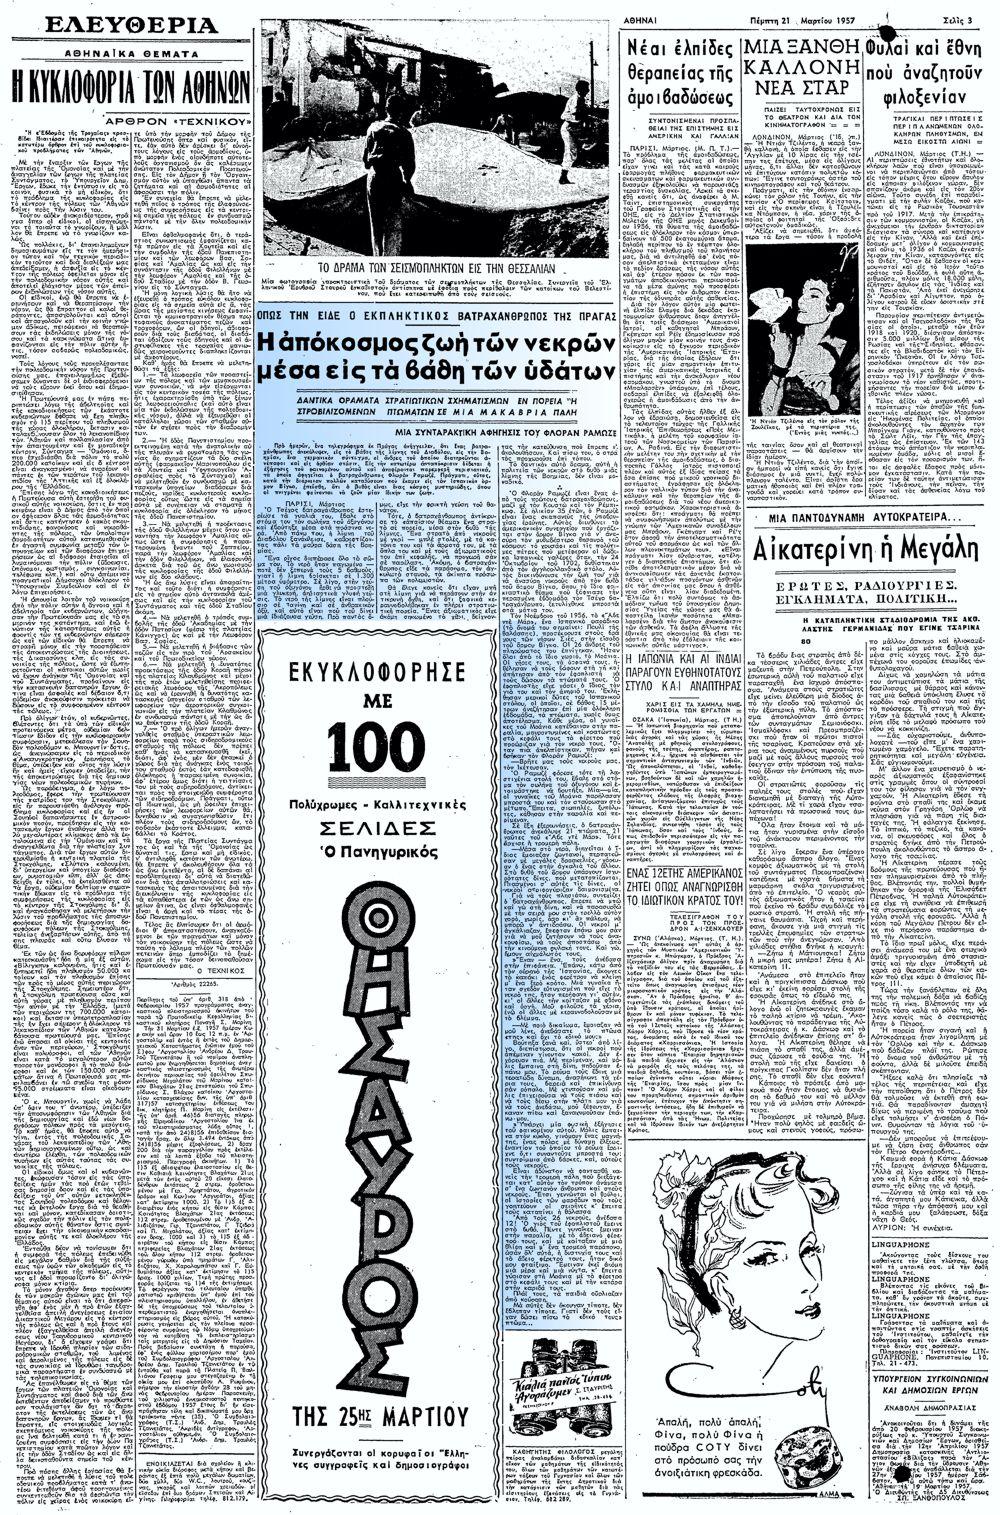 """Το άρθρο, όπως δημοσιεύθηκε στην εφημερίδα """"ΕΛΕΥΘΕΡΙΑ"""", στις 21/03/1957"""